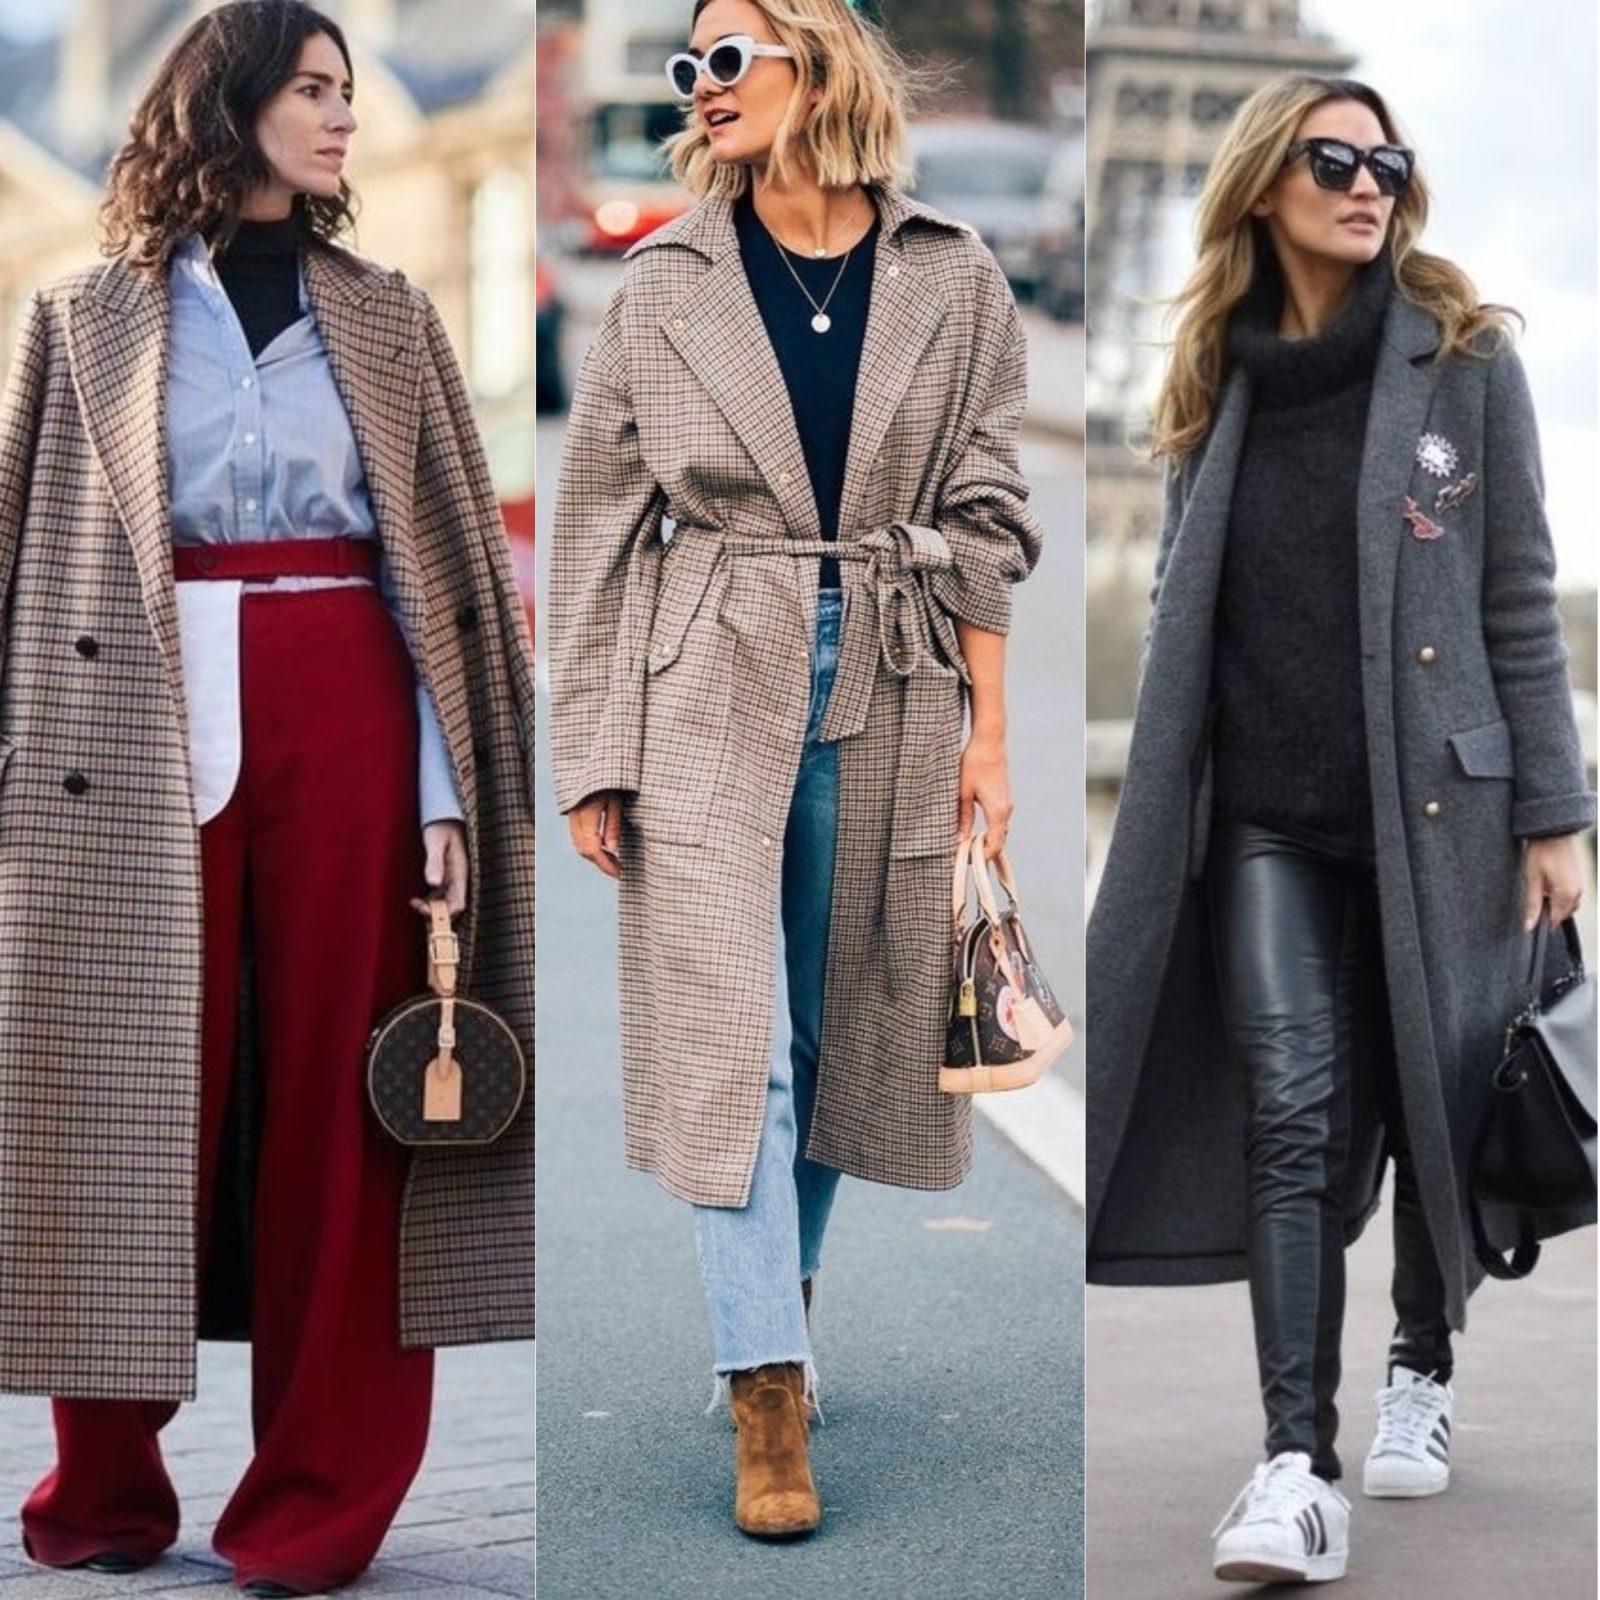 уличная мода 2018 весна верхняя одежда пальто в клетку полоску однотонное